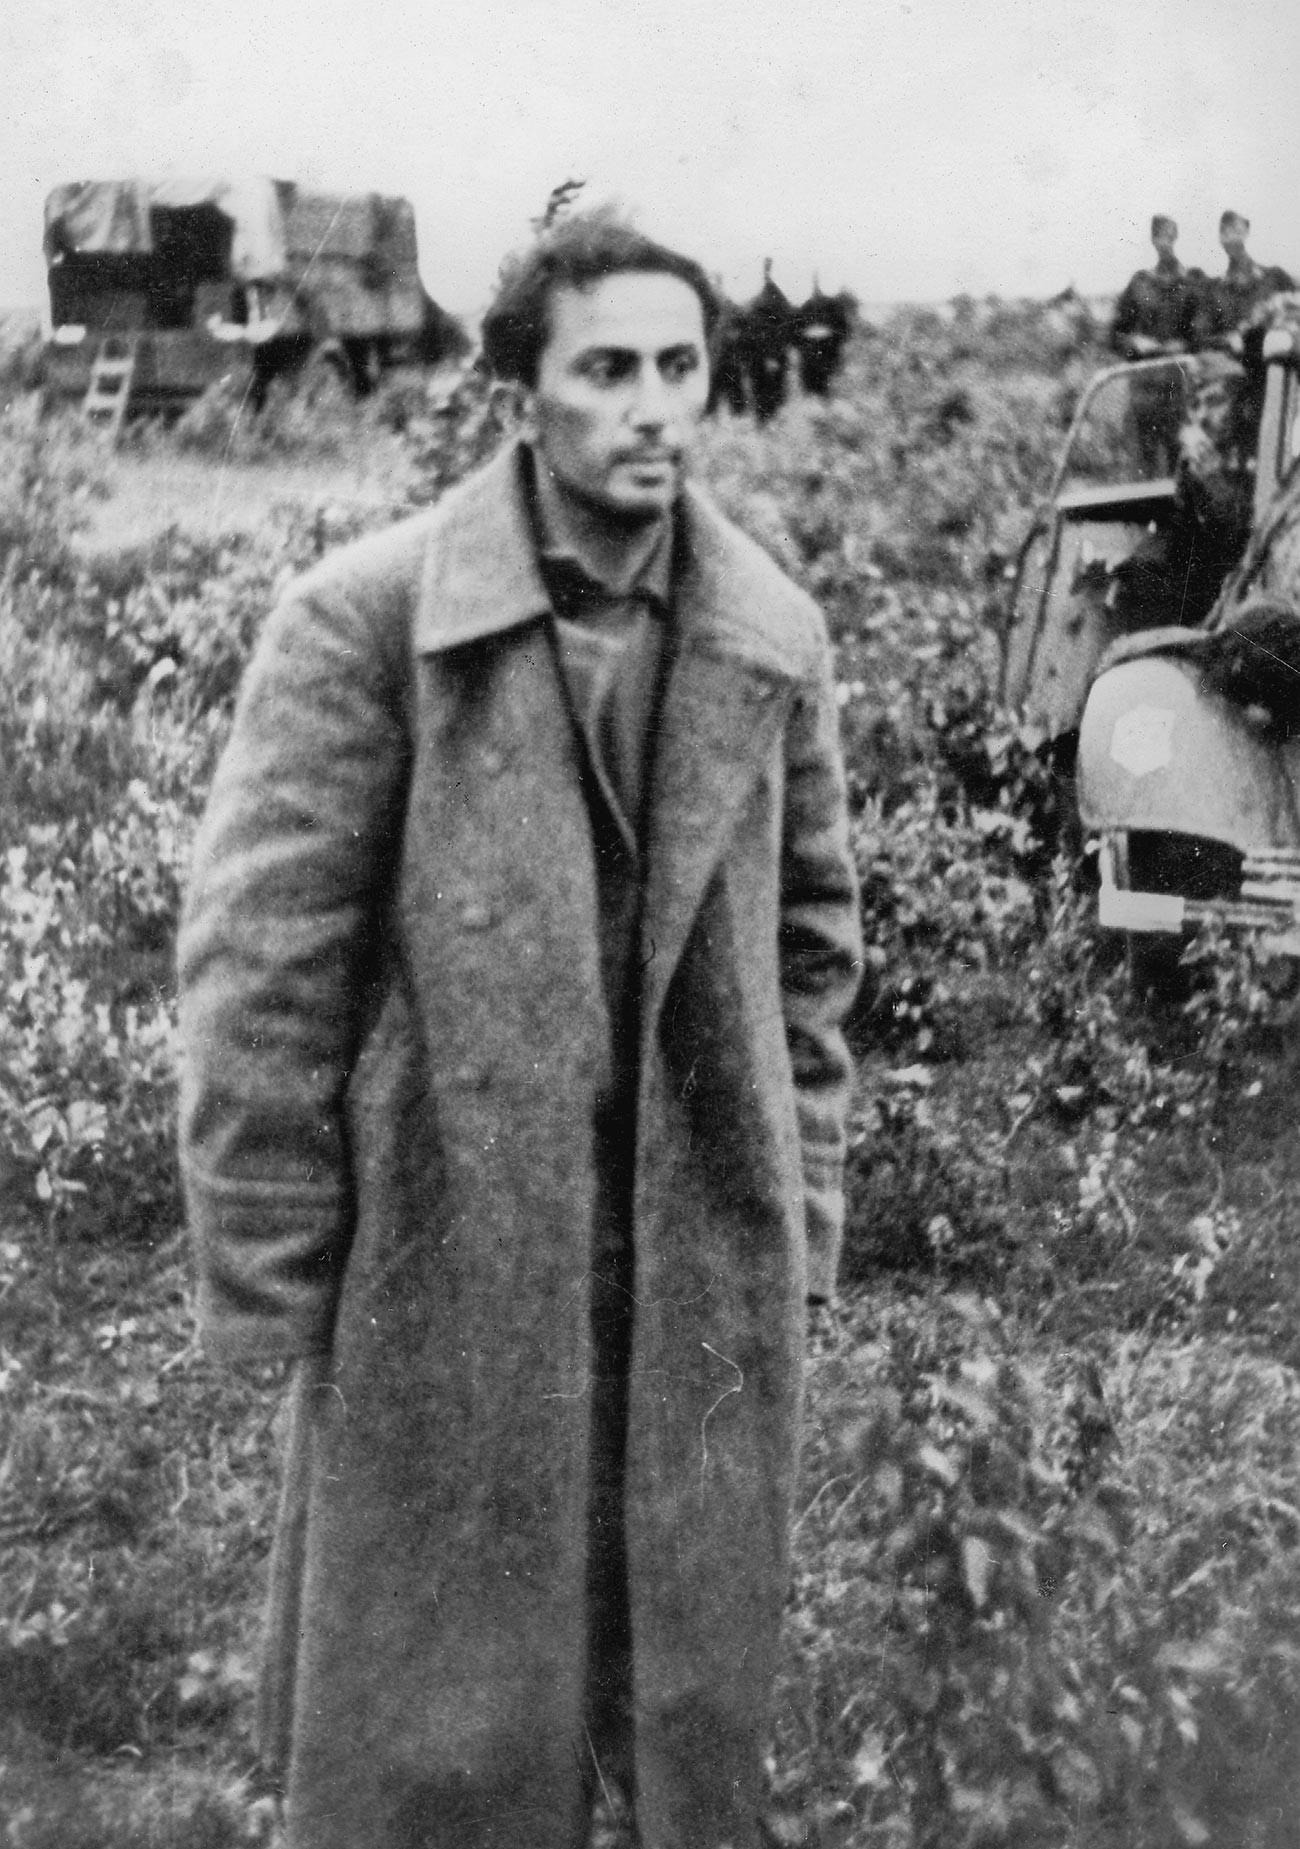 Jakow Dschugaschwili